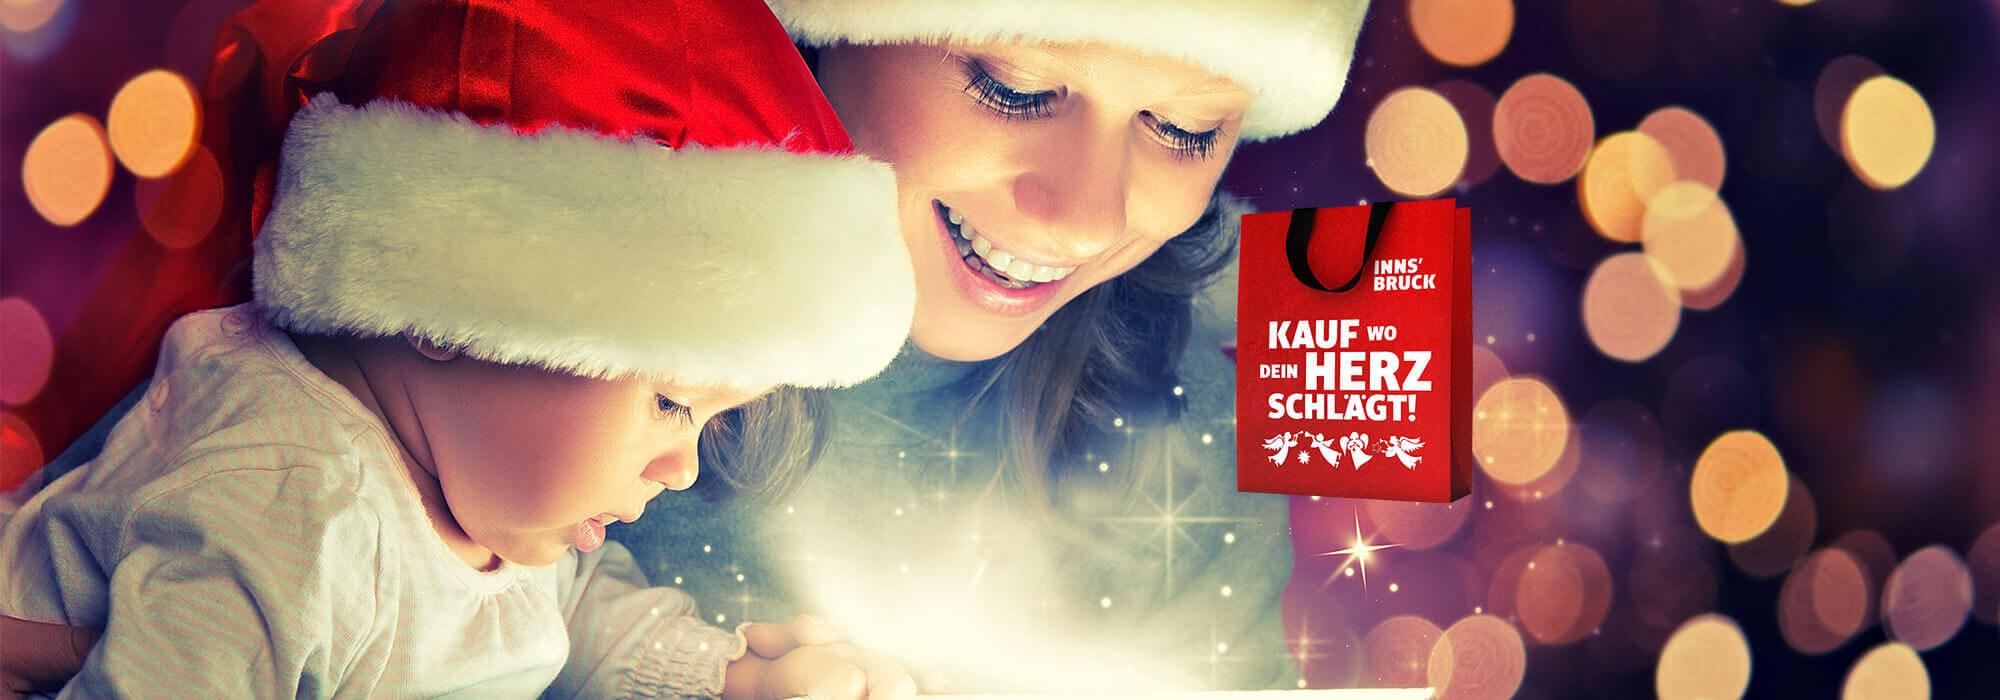 kids-world-tyrol-2020-weihnachten1